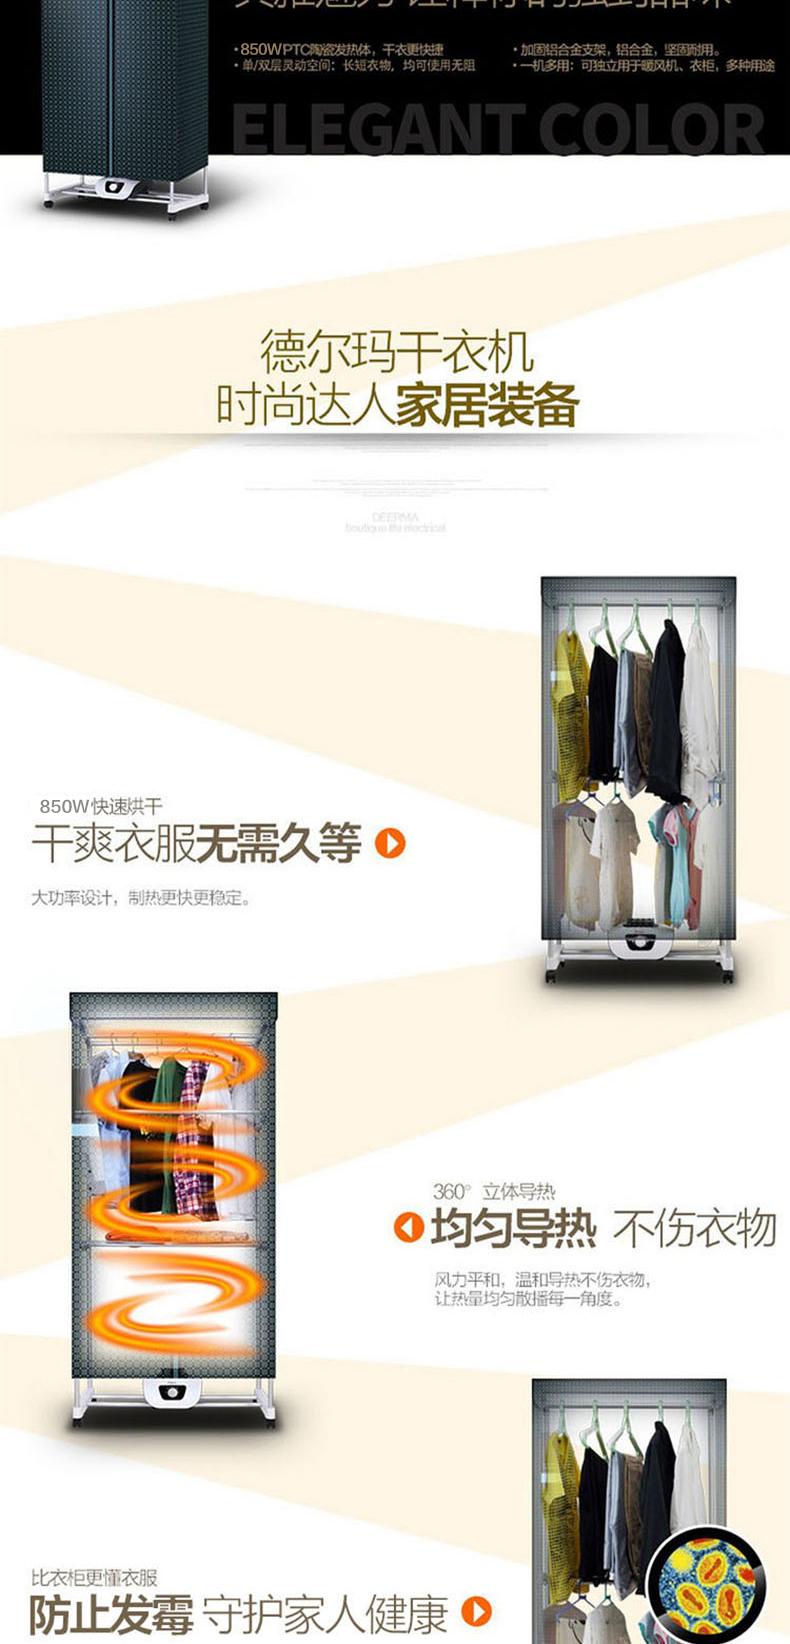 德尔玛干衣机家用省电超静音 可折叠双层衣柜烘干机器宝宝专用R10低价